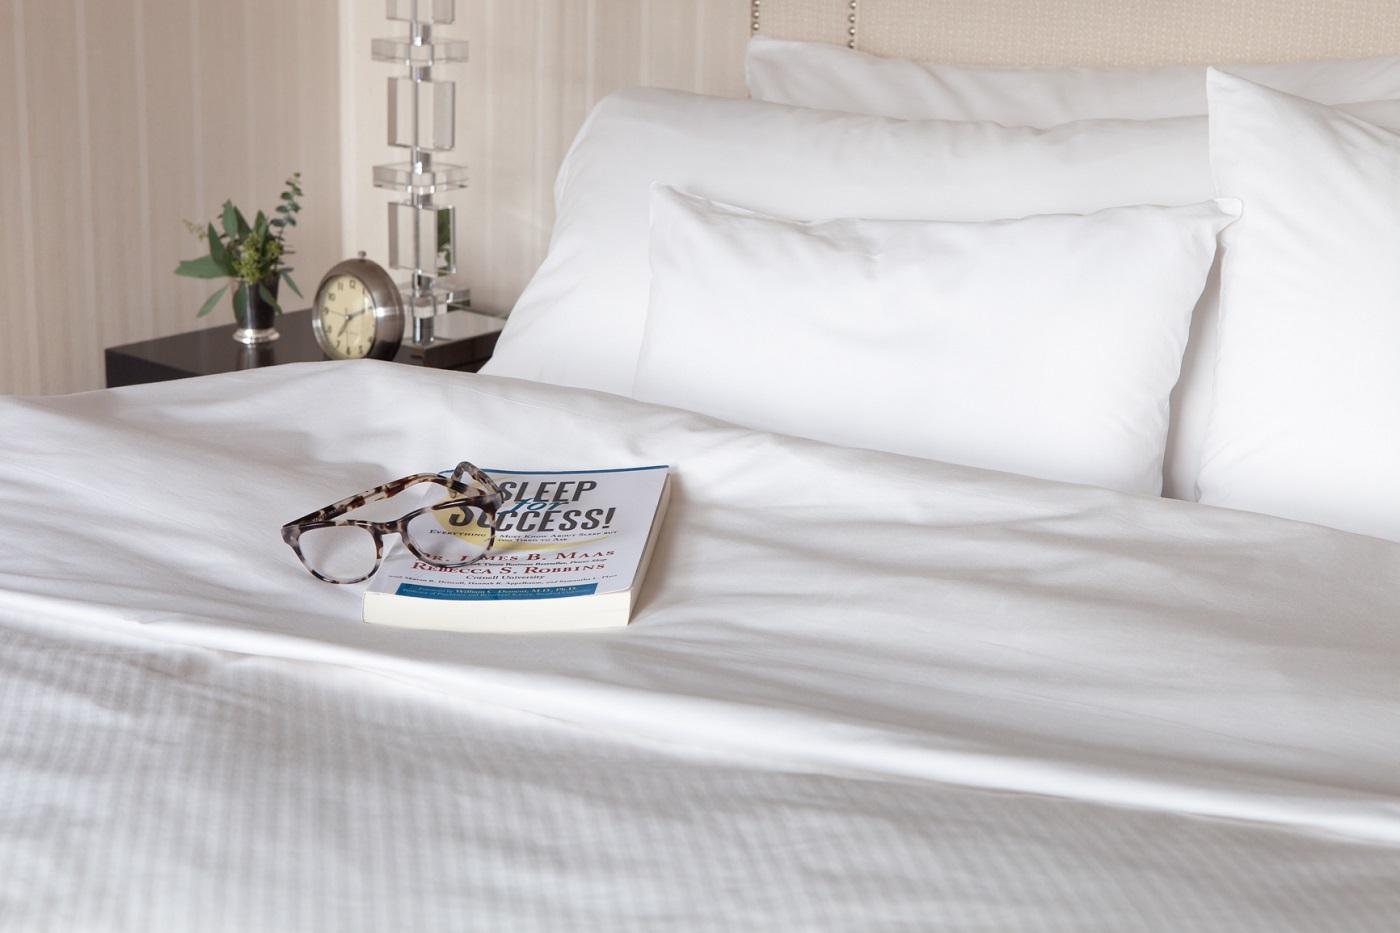 Für schöne Träume ohne Schäfchenzählen sorgt der Sleep Concierge / Bild: The